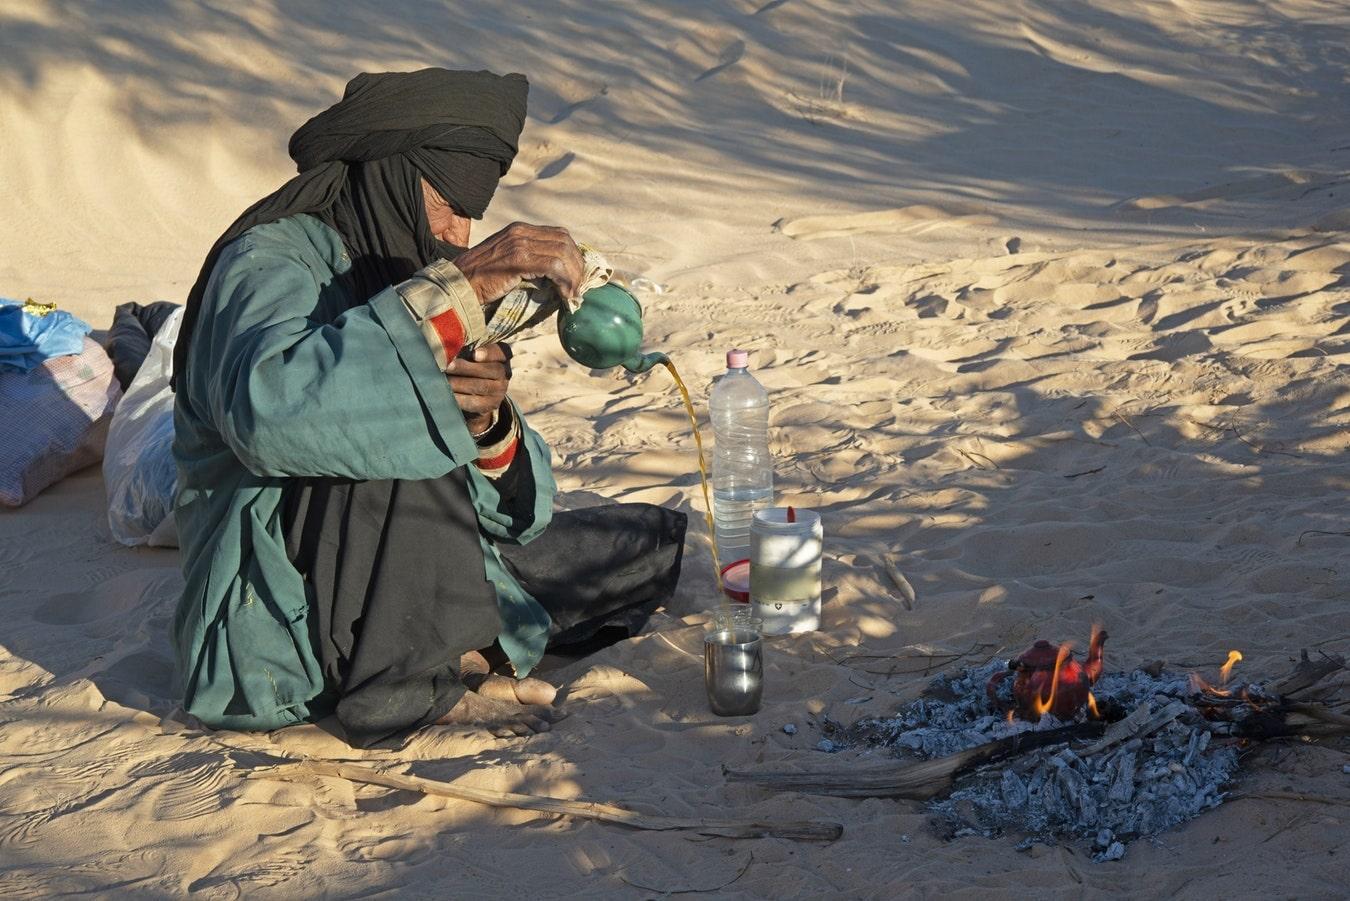 Un classico individuo delle tribù berbere del deserto che degusta lo speciale tè algerino